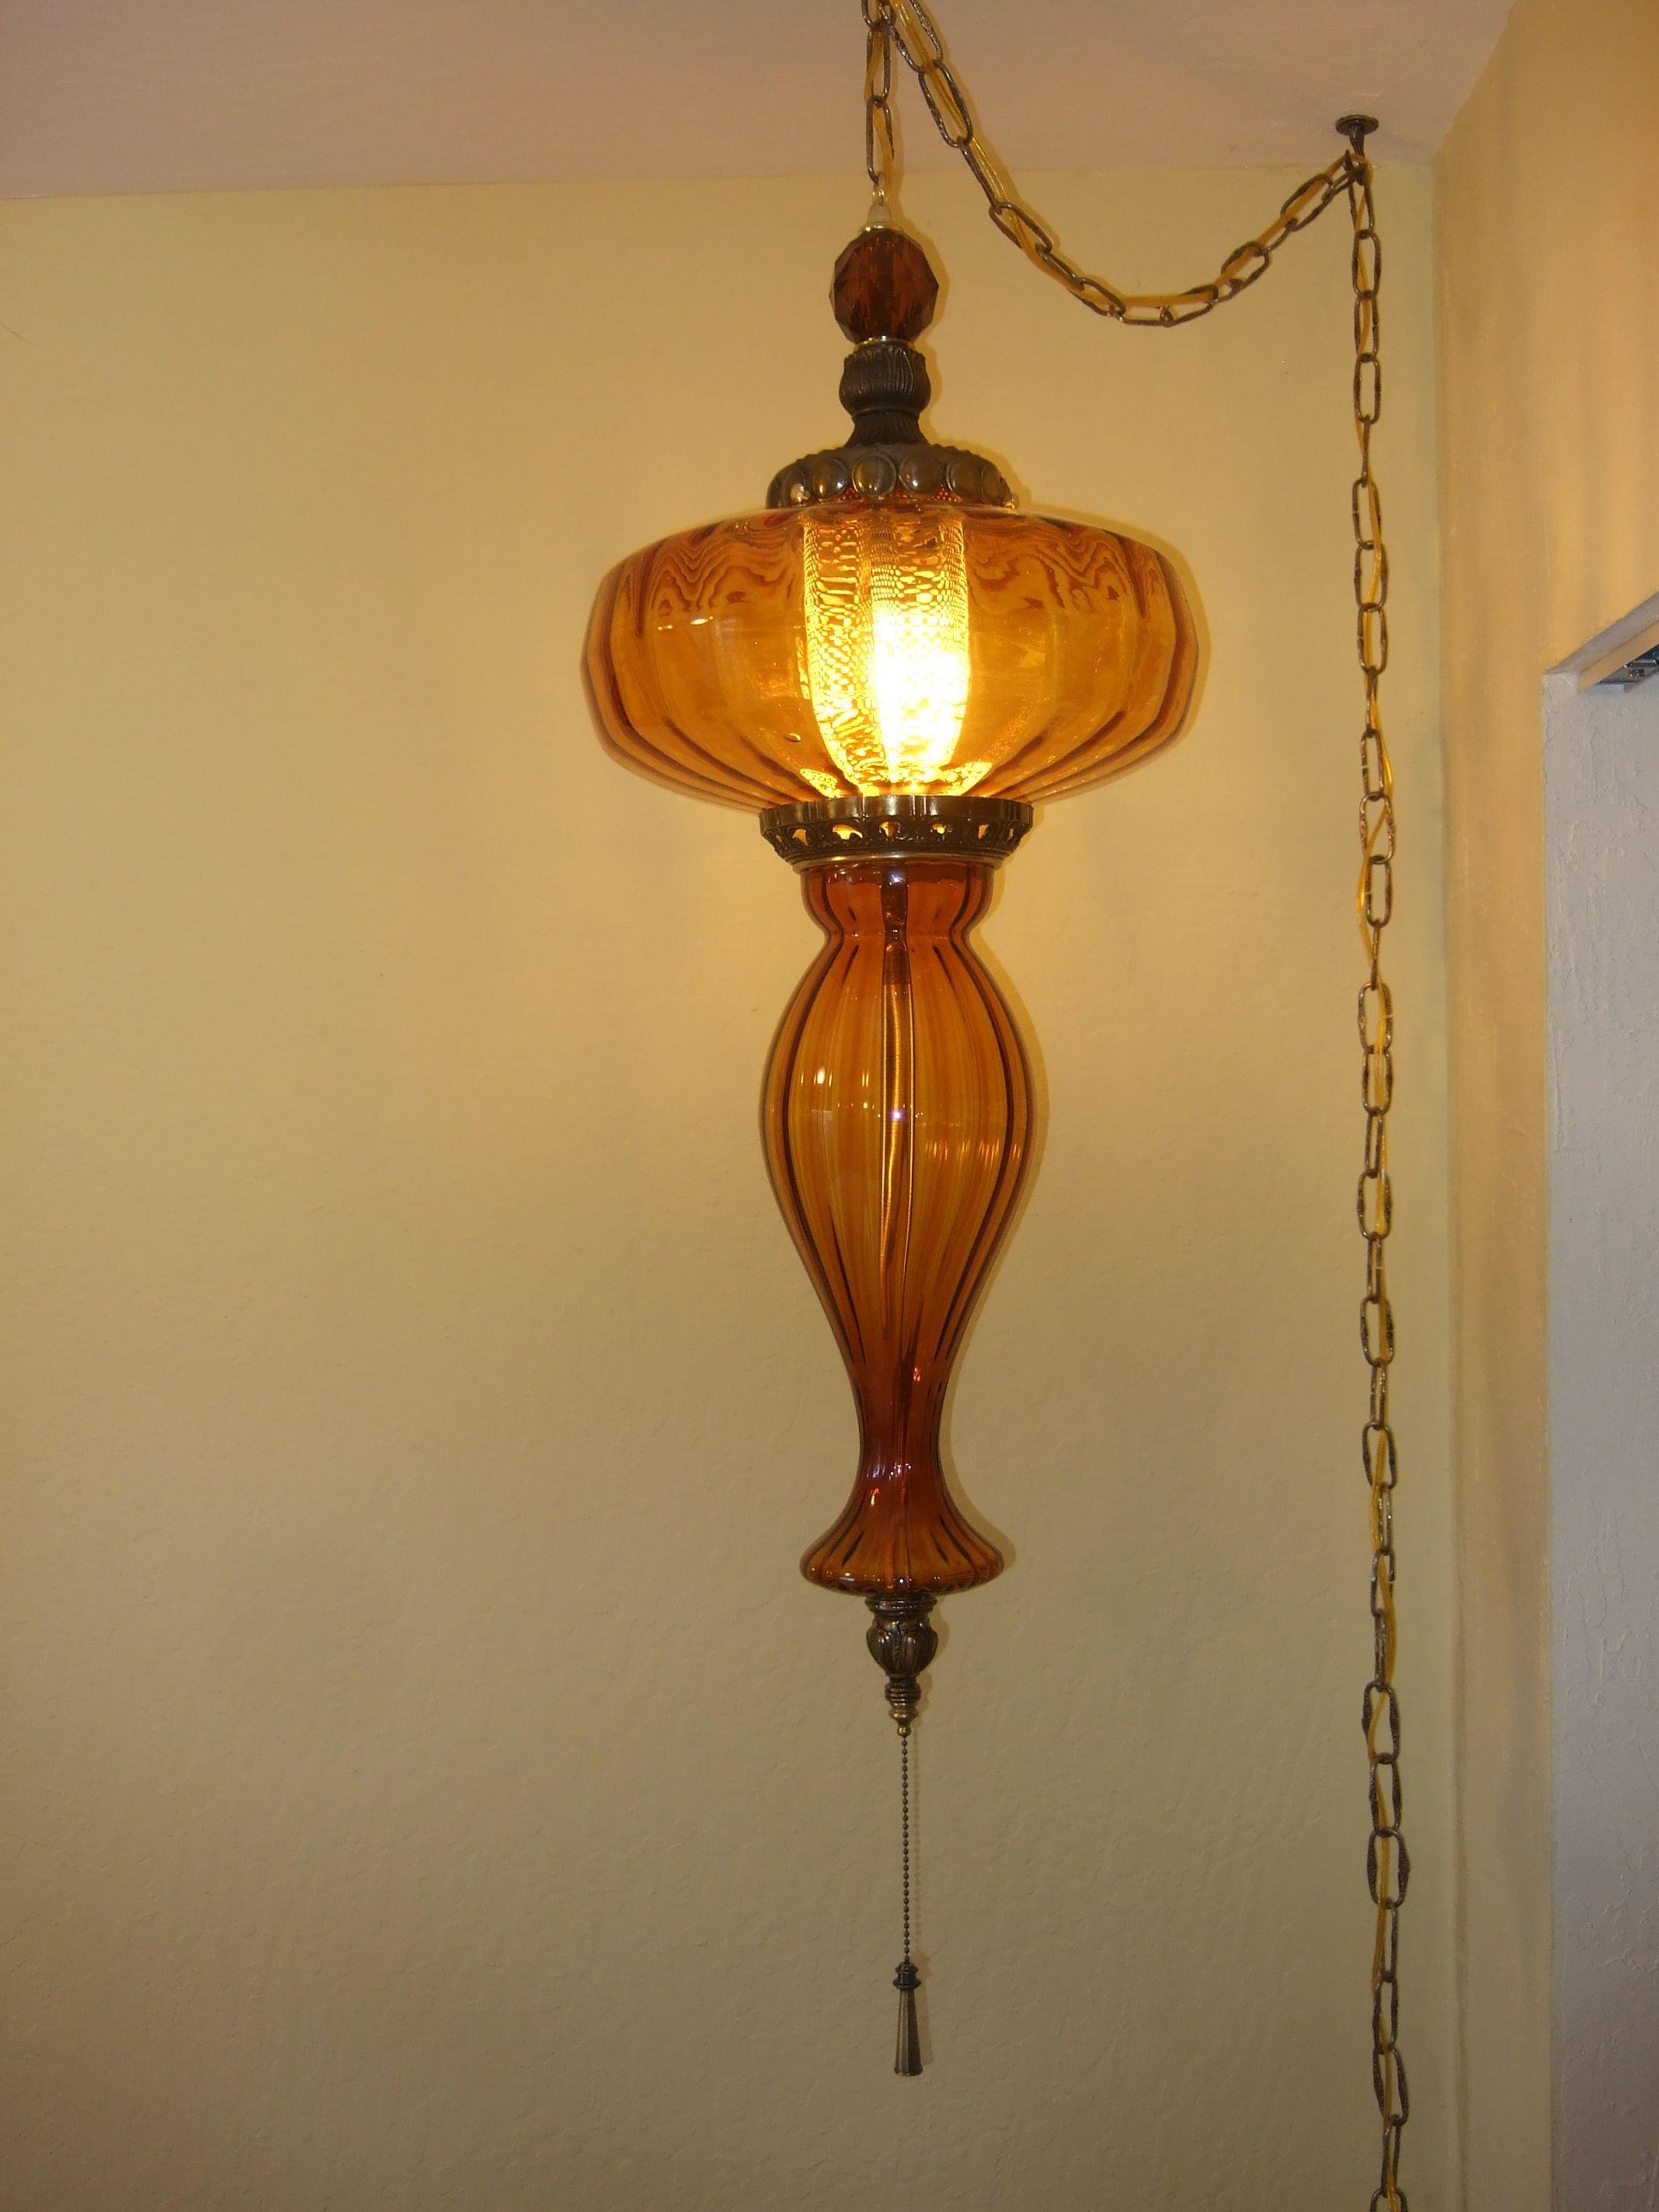 Pin By Ben Sivertson On Vintage Legacies Lighting Vintage